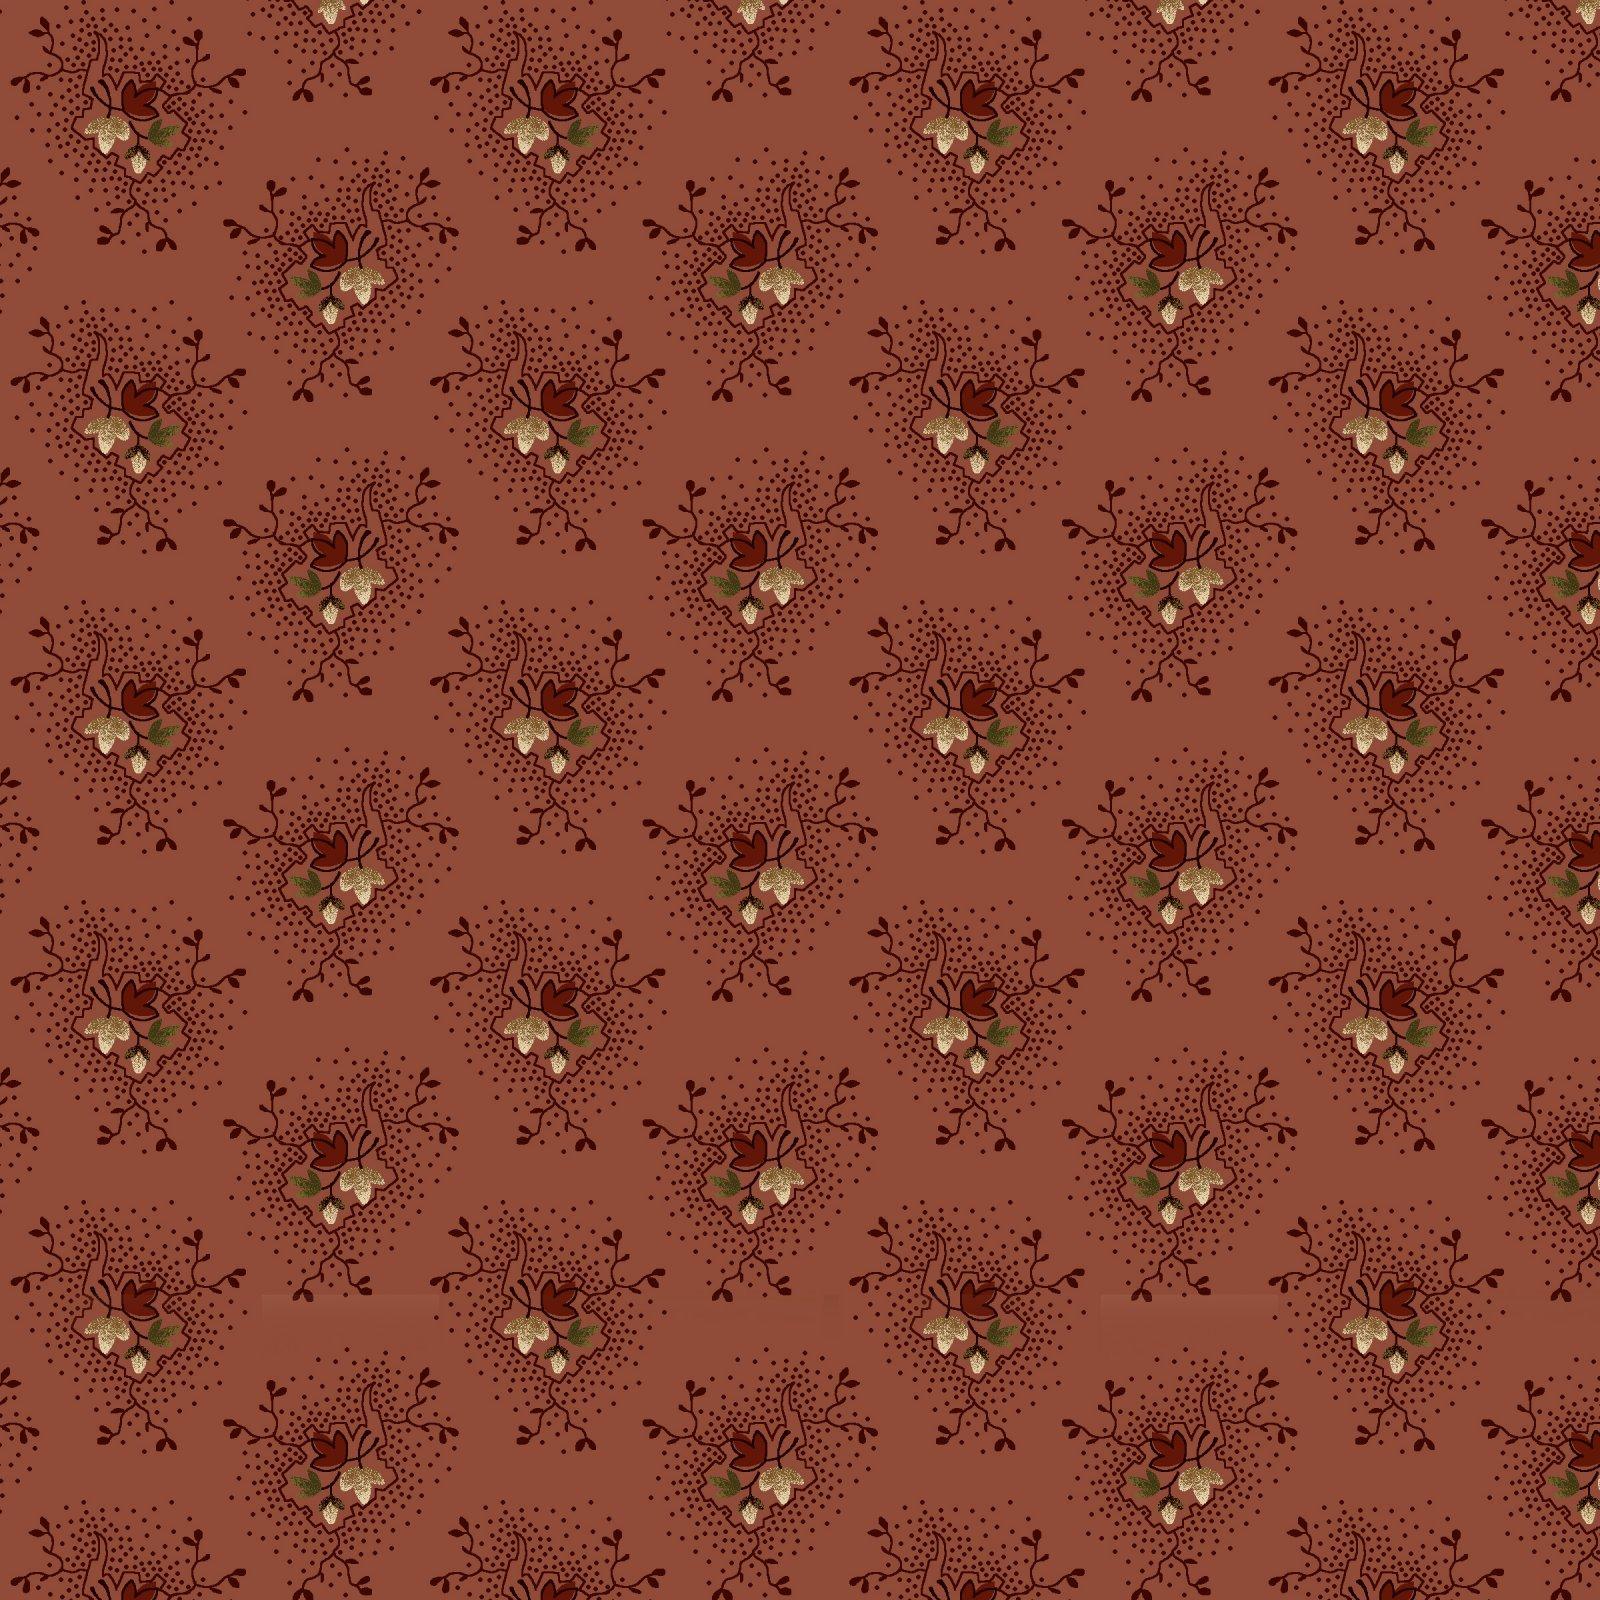 Buttermilk Blossoms  - 2107-22 * 1/2 yard